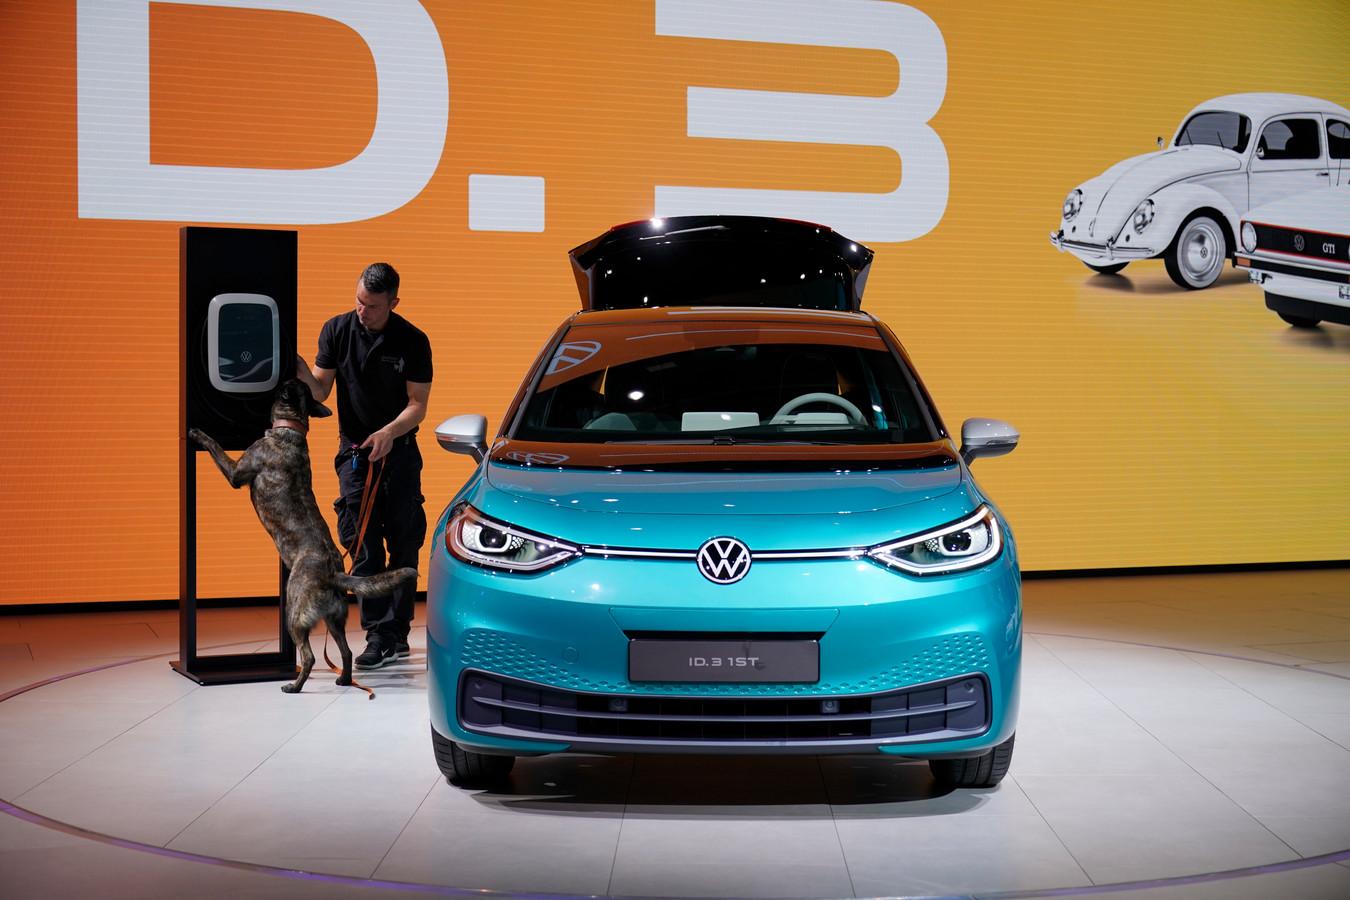 De prof denkt dat merken zoals Volkswagen Tesla uit de markt zullen concurreren.